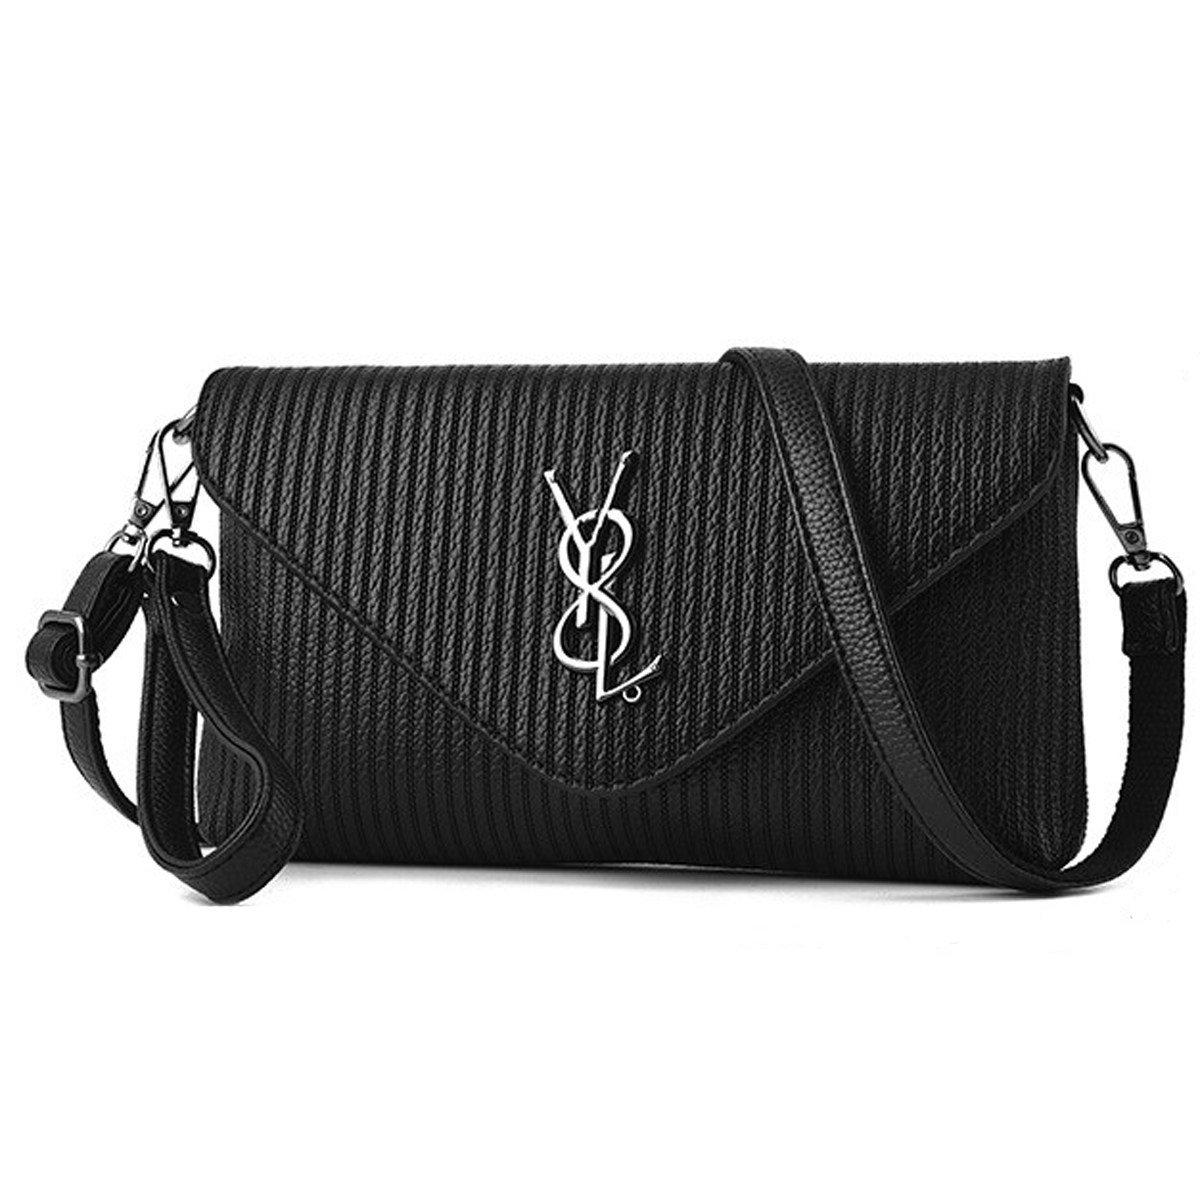 2017 Sommer Neue Damen Umhängetasche Umschlag Tasche Messenger Bag Black-OneSize liyuanbaihuo